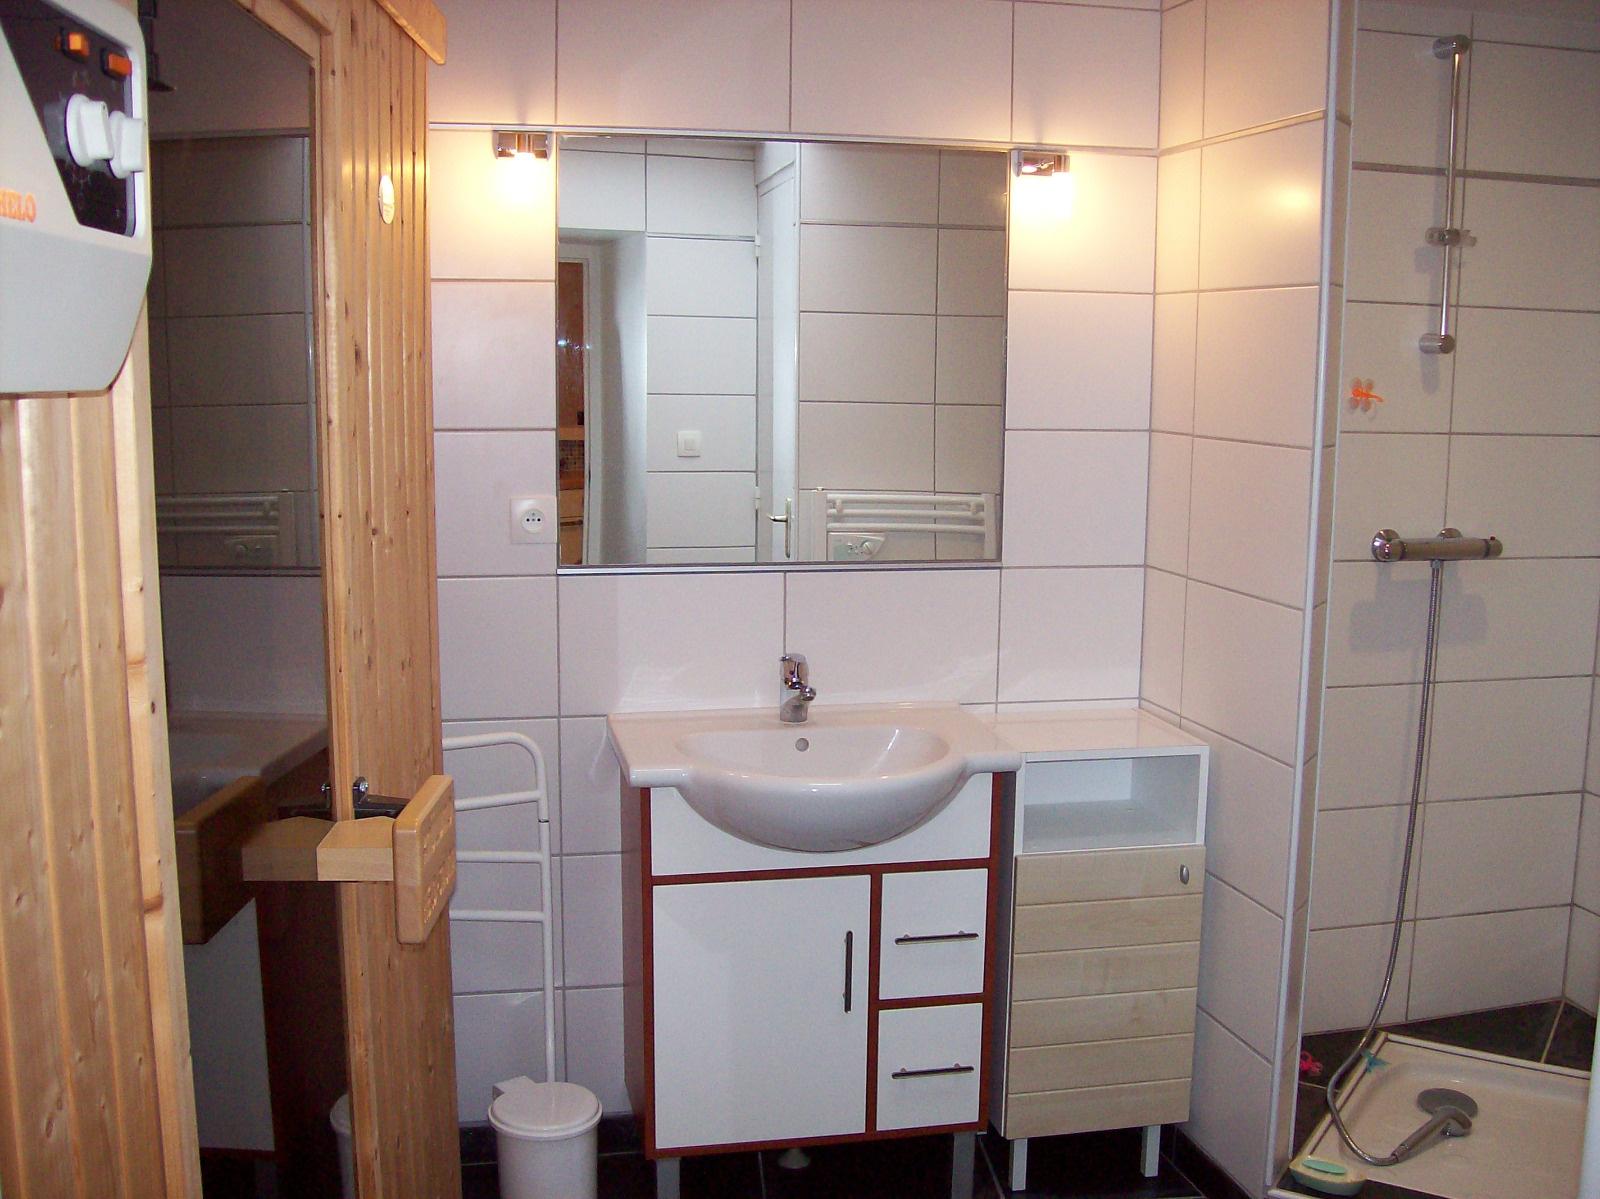 vente maison de pecheur. Black Bedroom Furniture Sets. Home Design Ideas